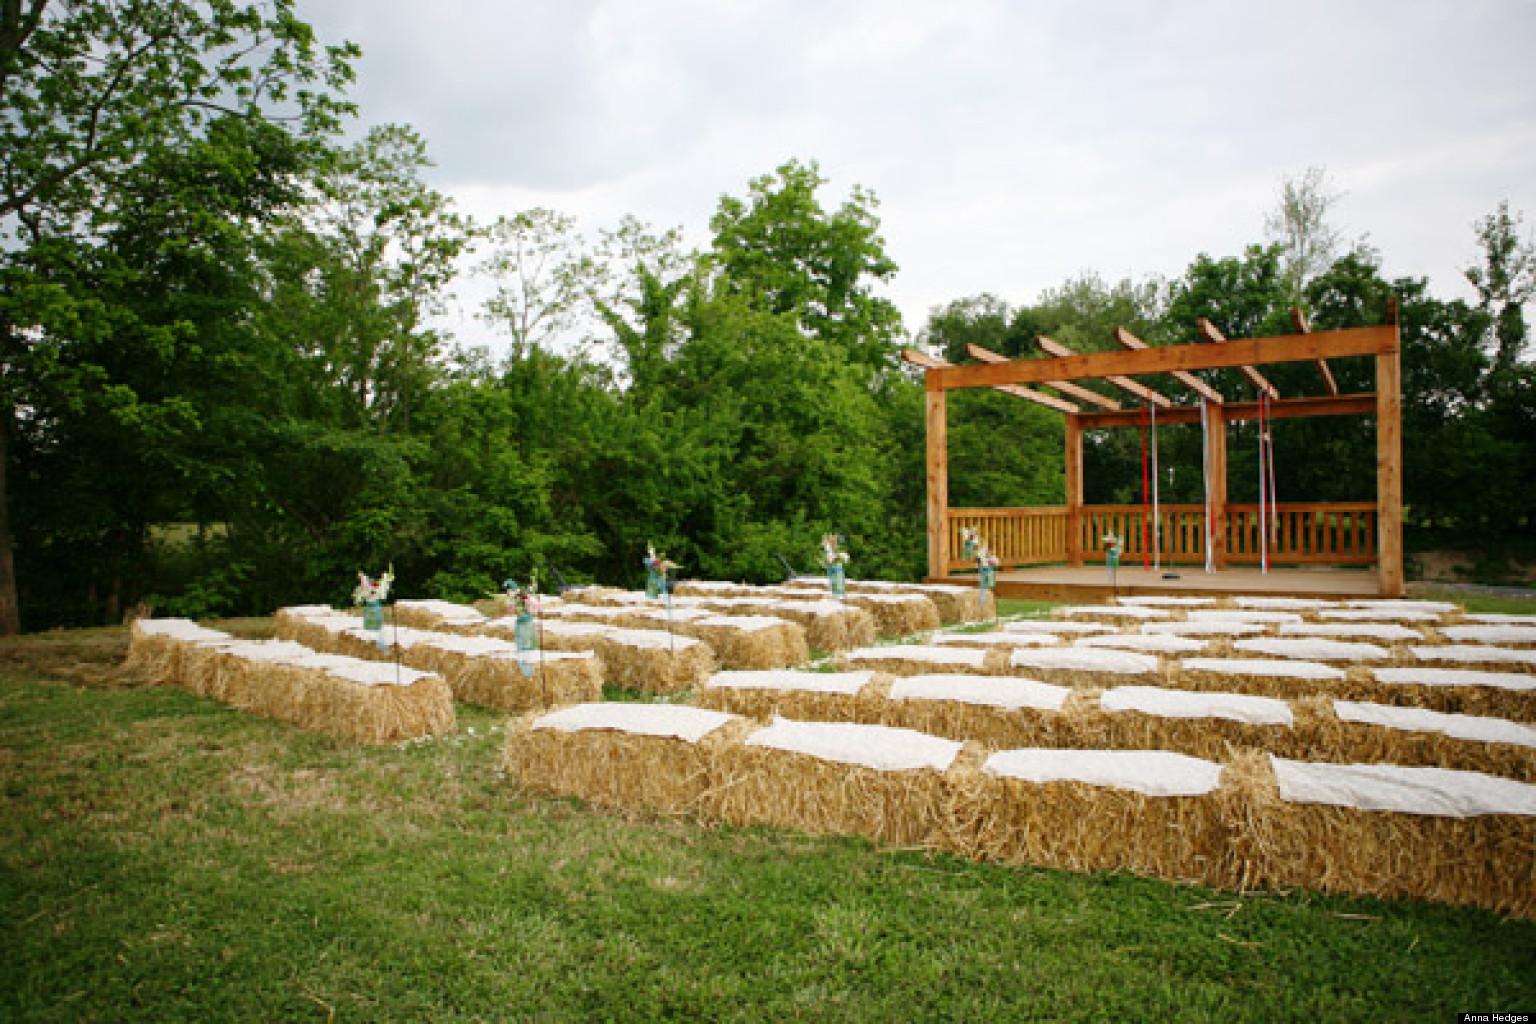 How To Plan A Casual Farm Wedding (PHOTOS) | HuffPost